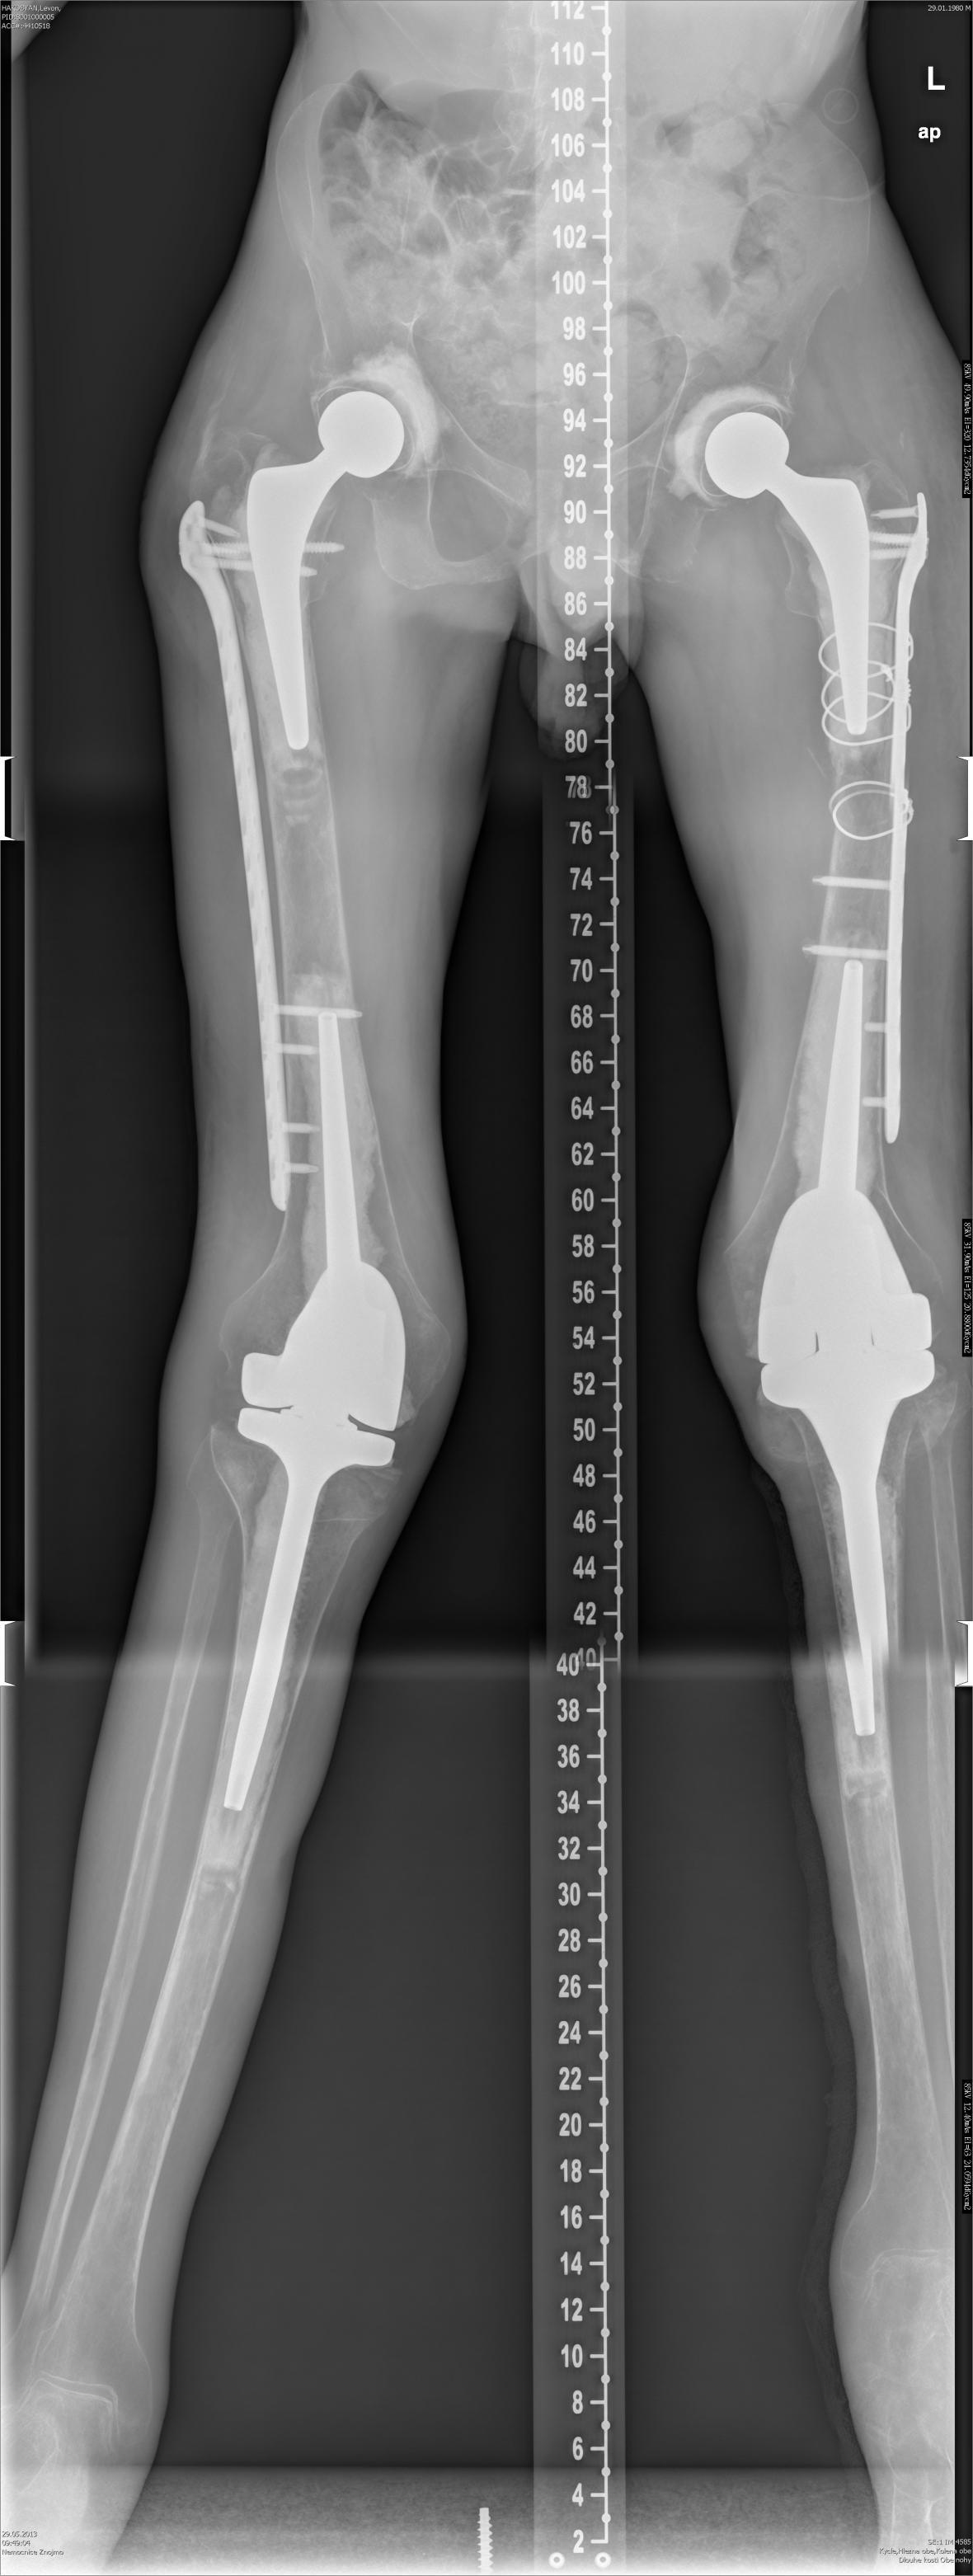 Rentgenový snímek Levona Hakobyana po sérii operací. Vidět jsou čtyři umělé klouby i výztuže kostí